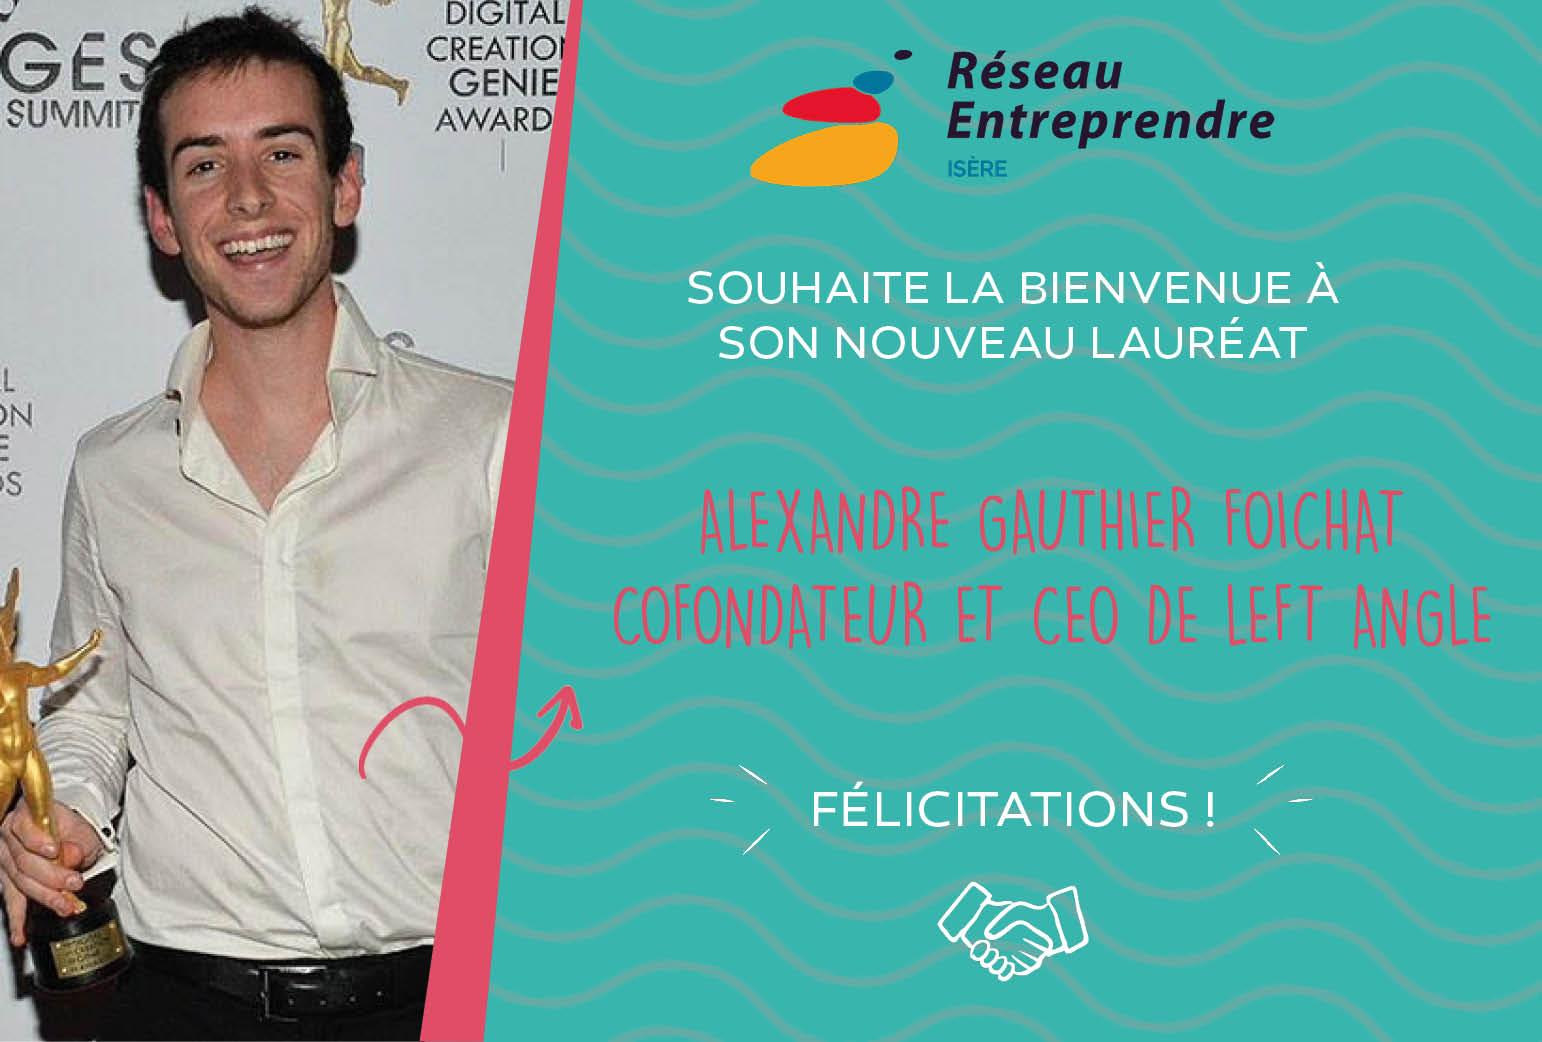 Alexandre Gauthier-Foichat, lauréat 2020